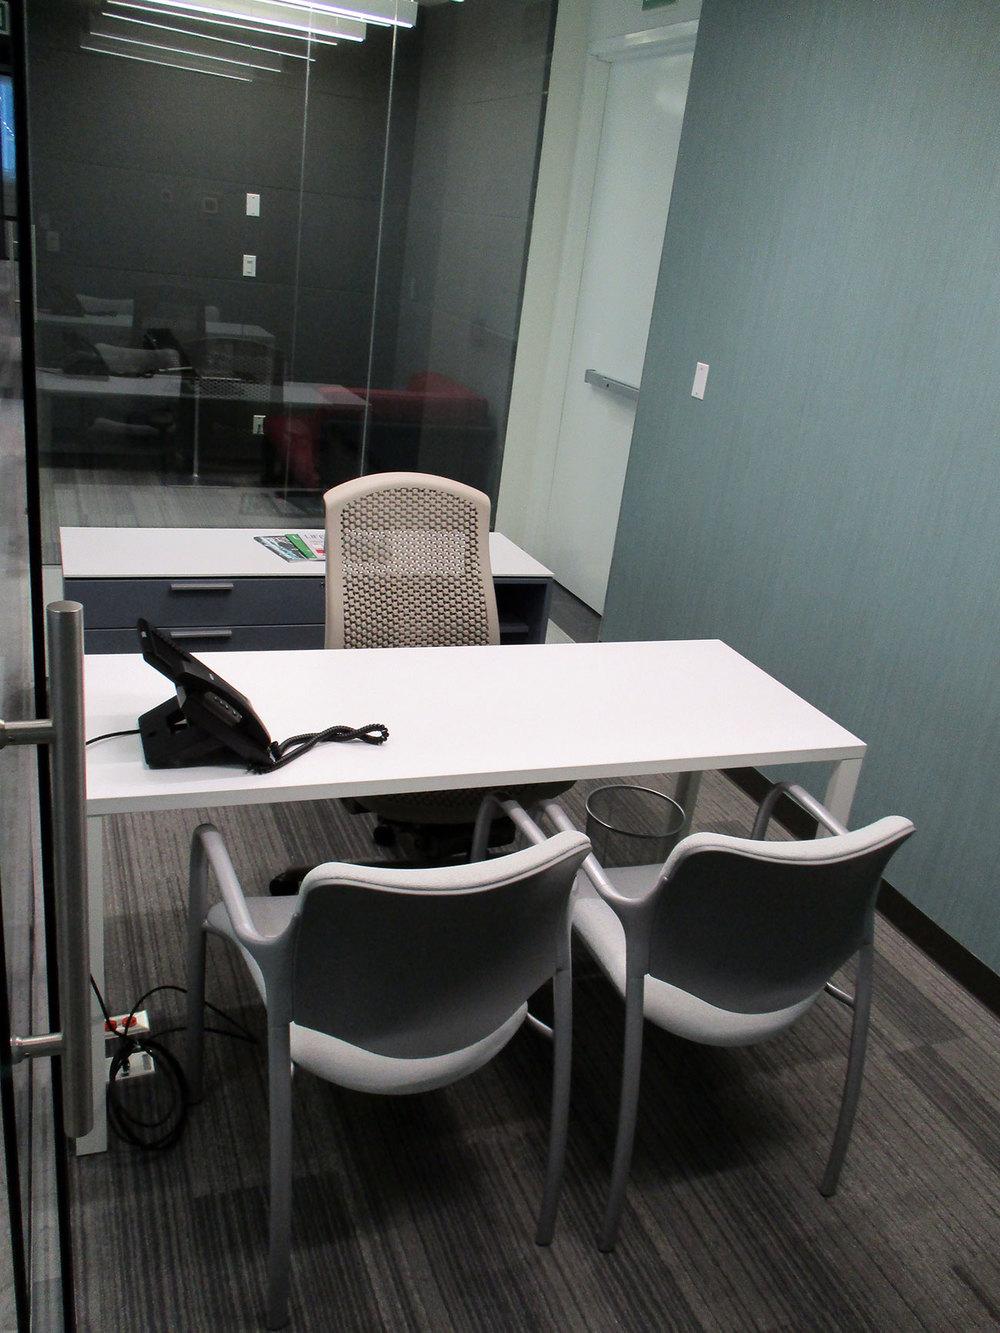 Estado de México Naucalpan IOS OFFICES Toreo_Ivoroom_oficinas equipadas